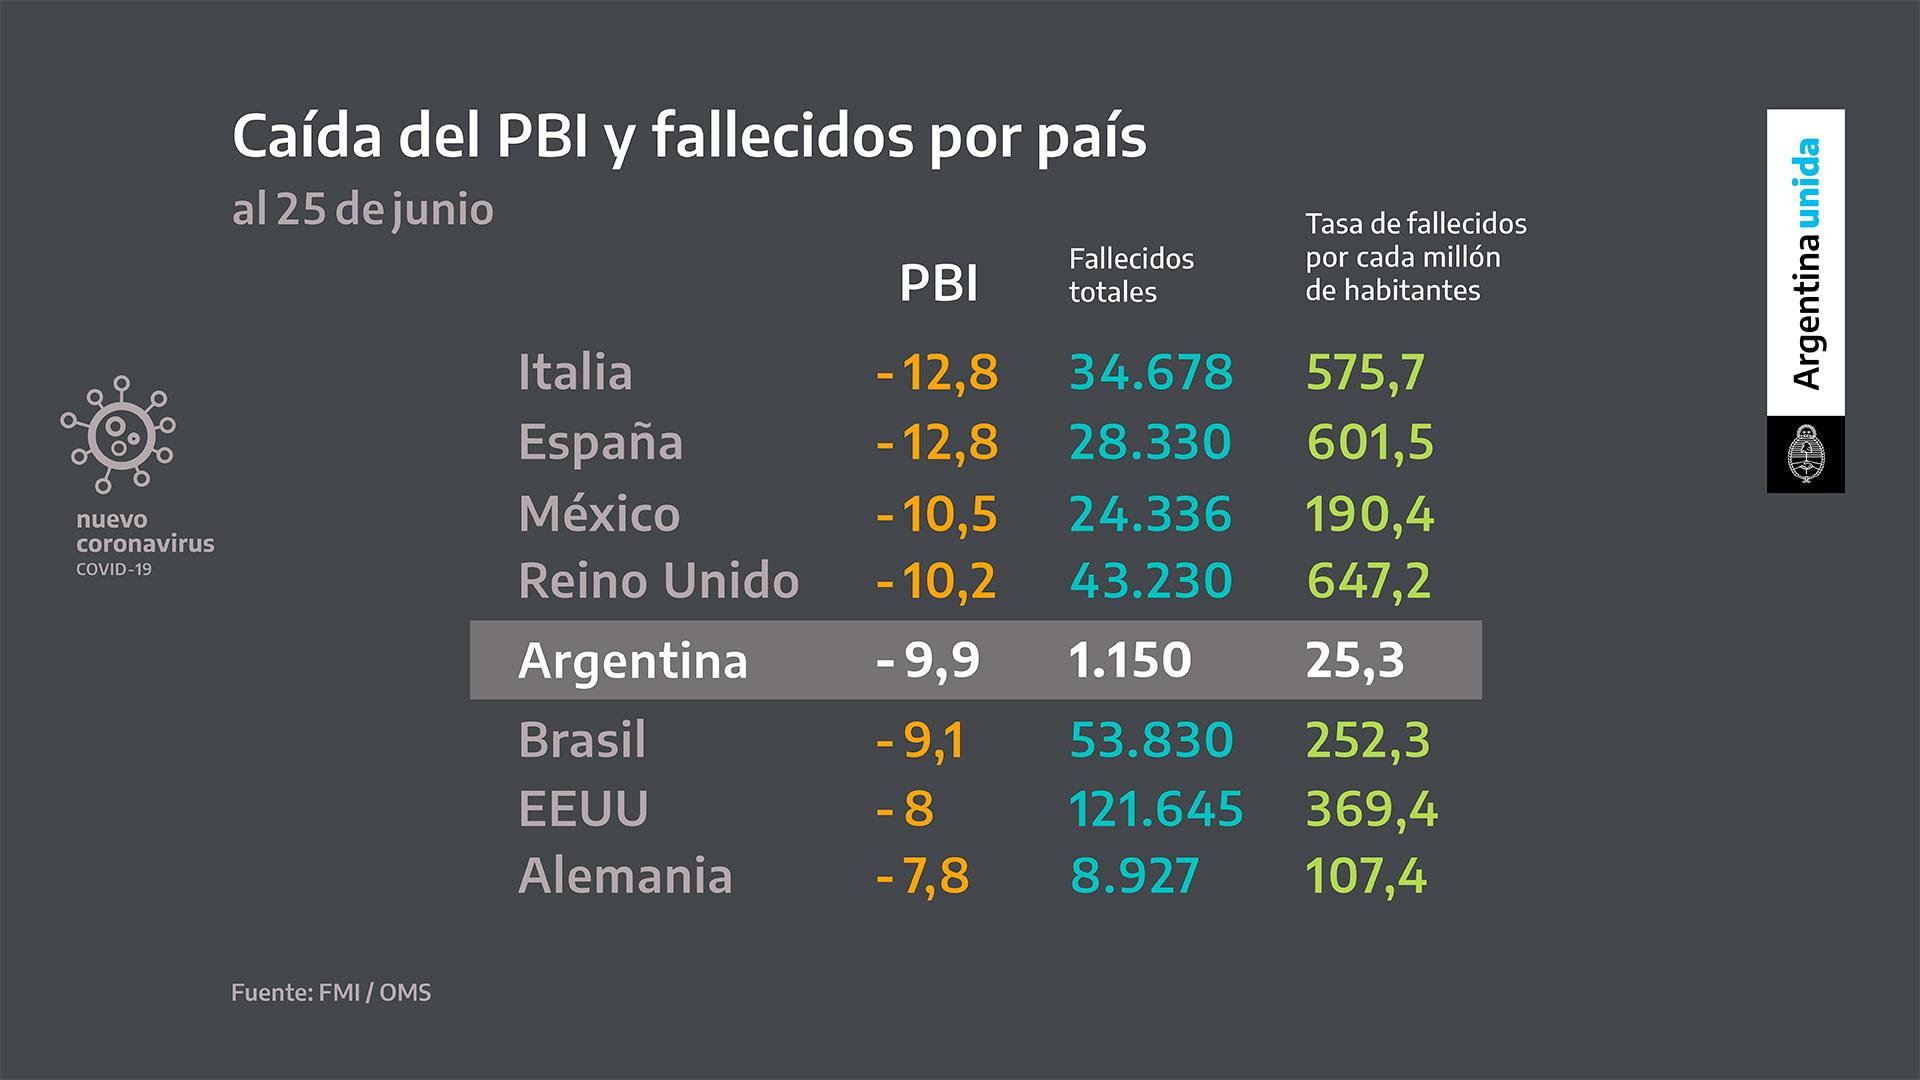 El presidente explicó que otros países que no implementaron una cuarentena tan estricta tuvieron más muertes y en algunos casos caídas superiores en su Producto Bruto Interno